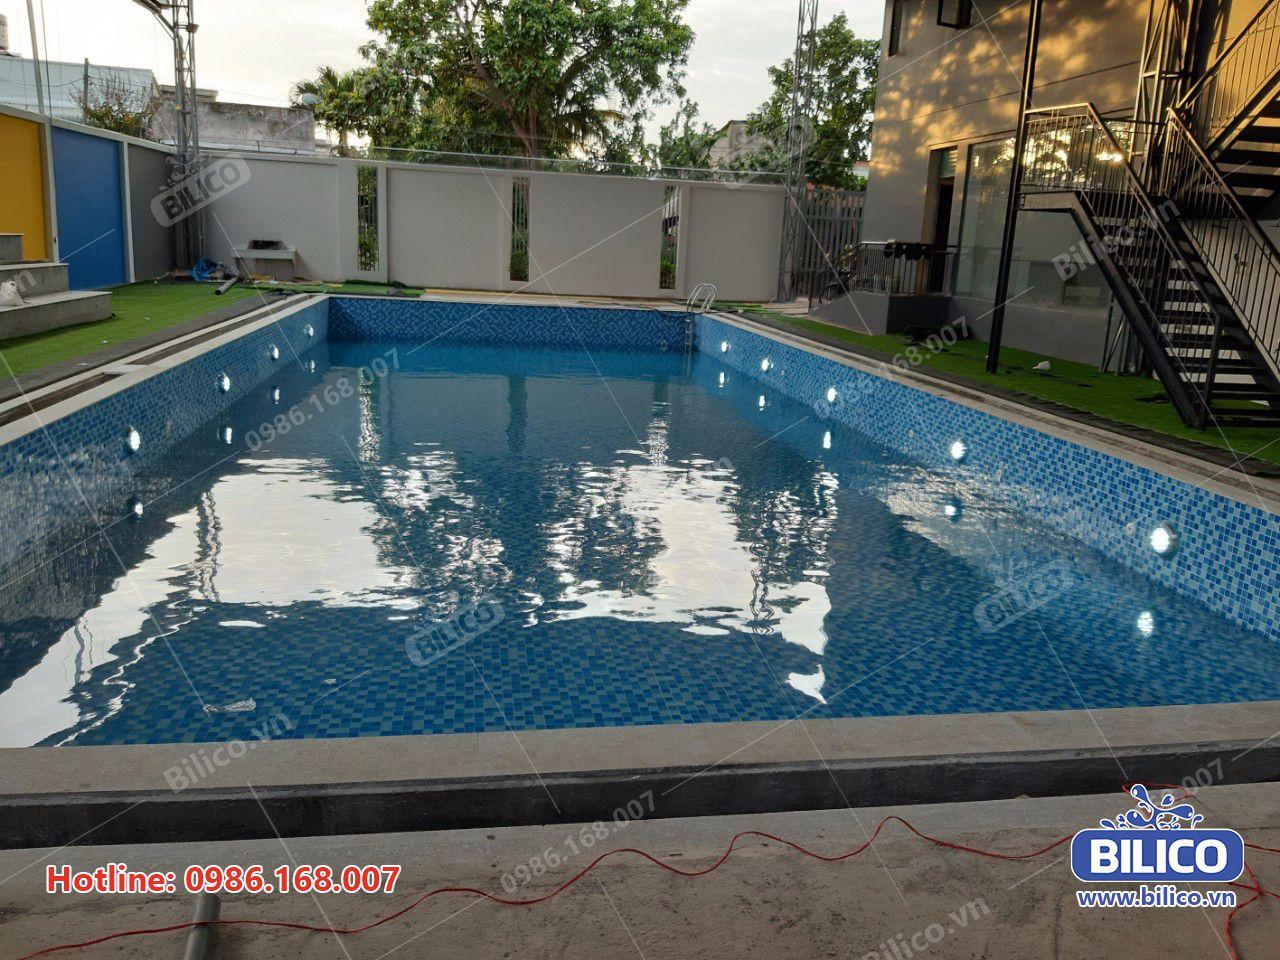 Công trình bể bơi anh Quyên Bình Định